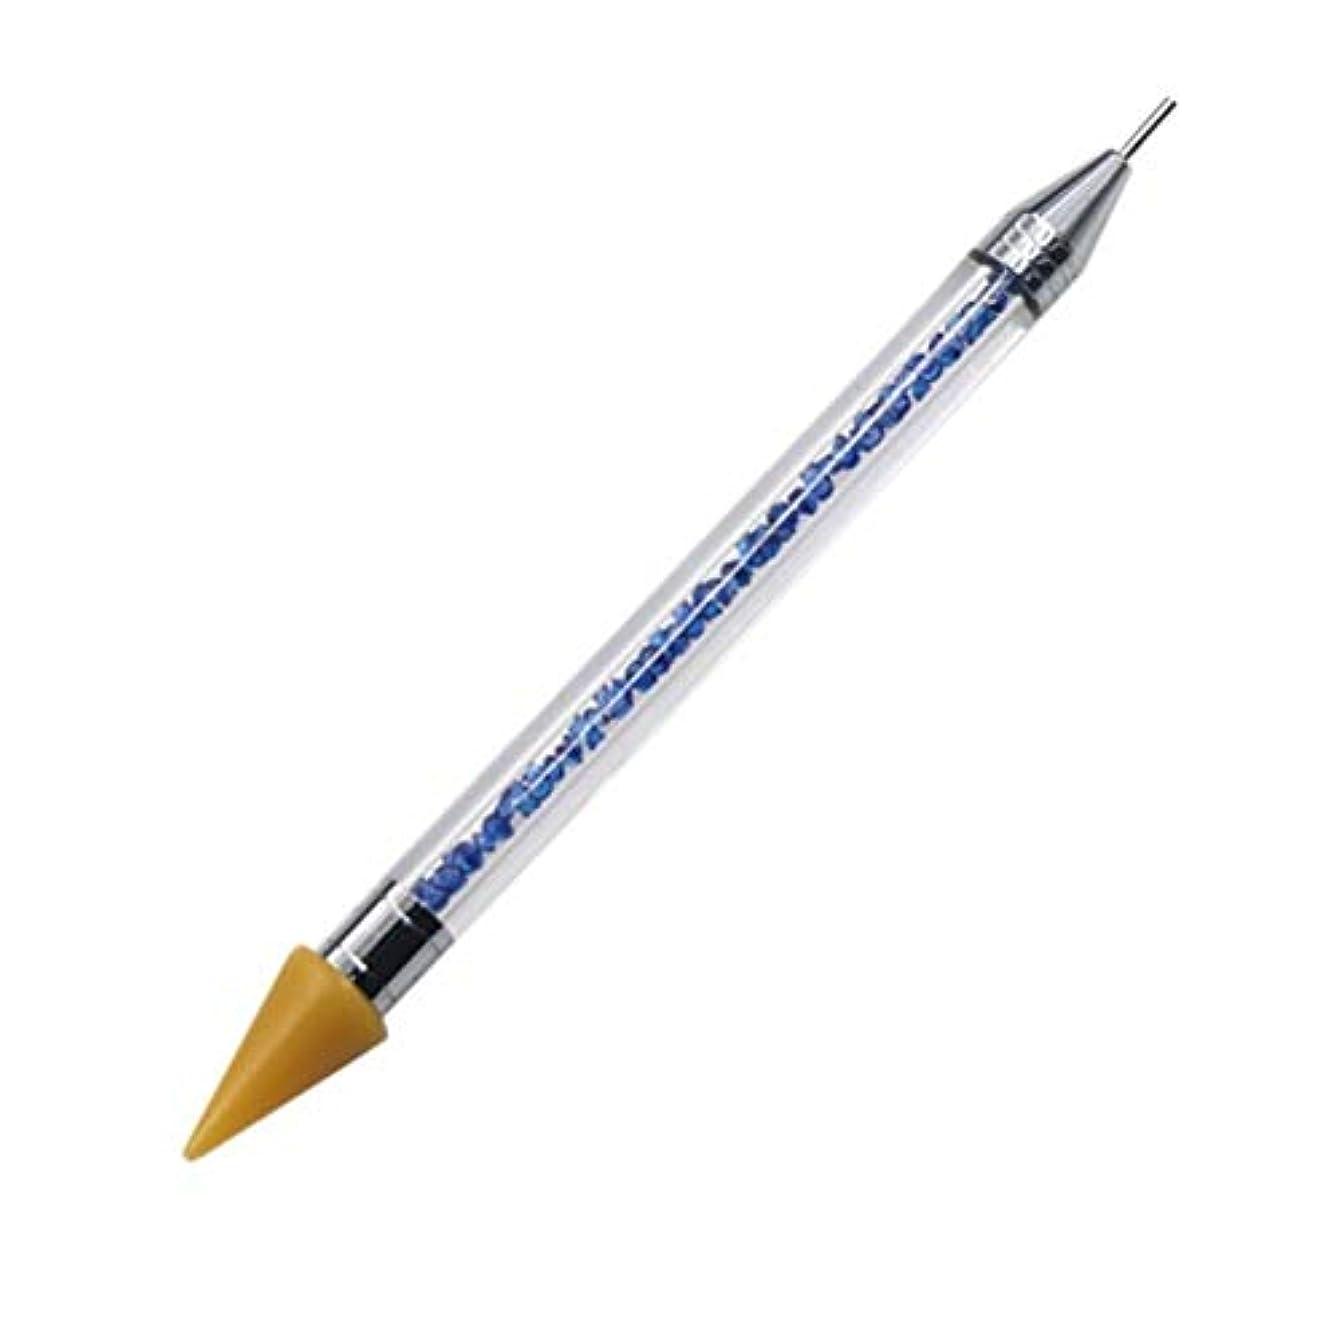 日光浸透する準備したネイルペン DIY デュアルエンド 絵画ツール ペン ネイル筆 ネイルアートペン ネイルアートブラシ マニキュアツールキット ネイルツール ネイル用品 ラインストーンピッカー点在ペン マニキュアネイルアート DIY 装飾ツール